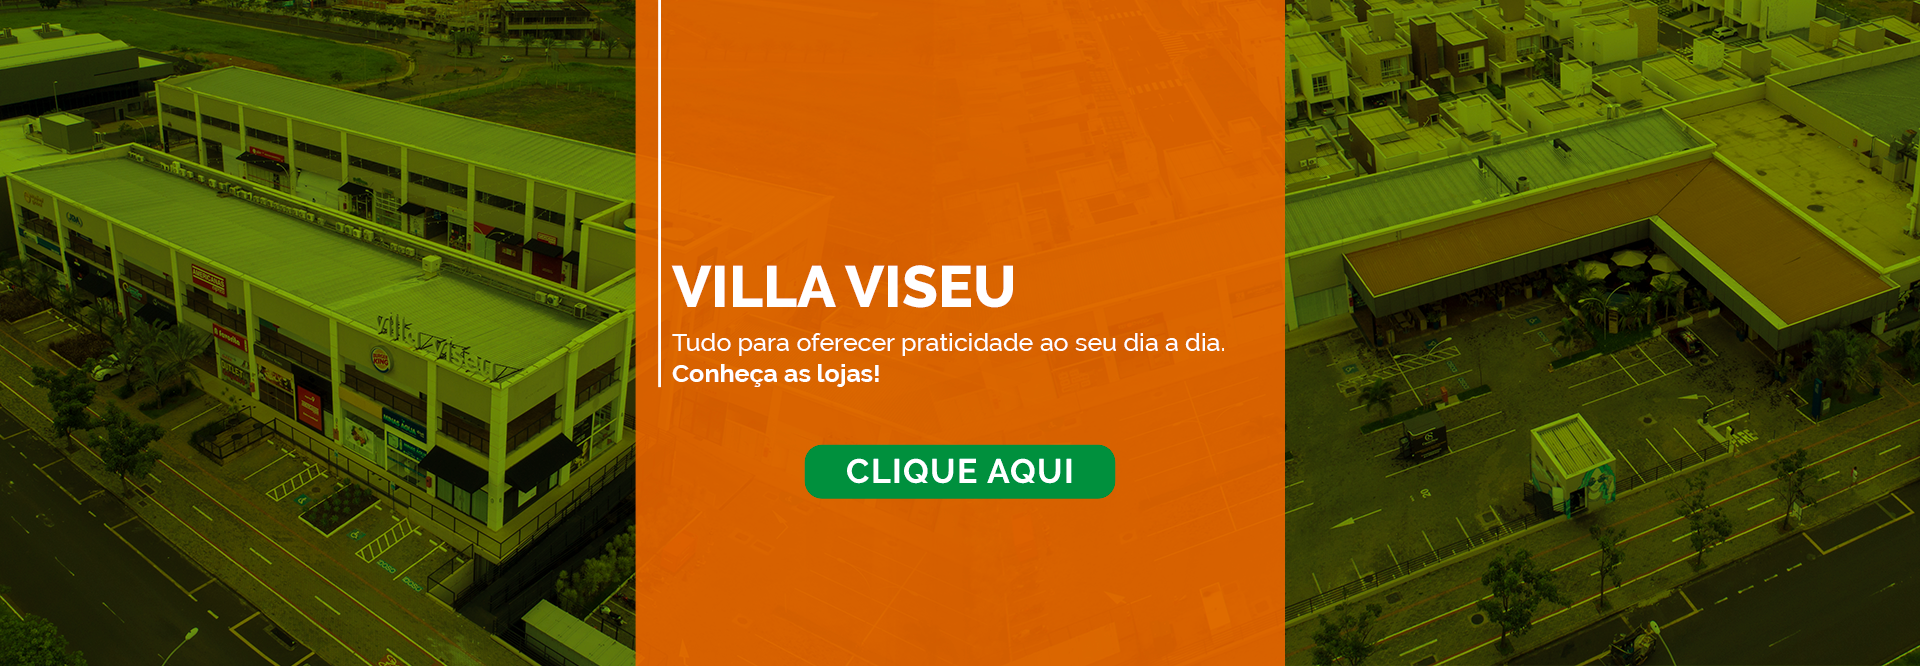 Imagem com fotos do Villa Viseu no fundo e o texto VILLA VISEU, tudo para oferecer praticidade ao seu dia a dia. Conheça as lojas. Clique aqui.